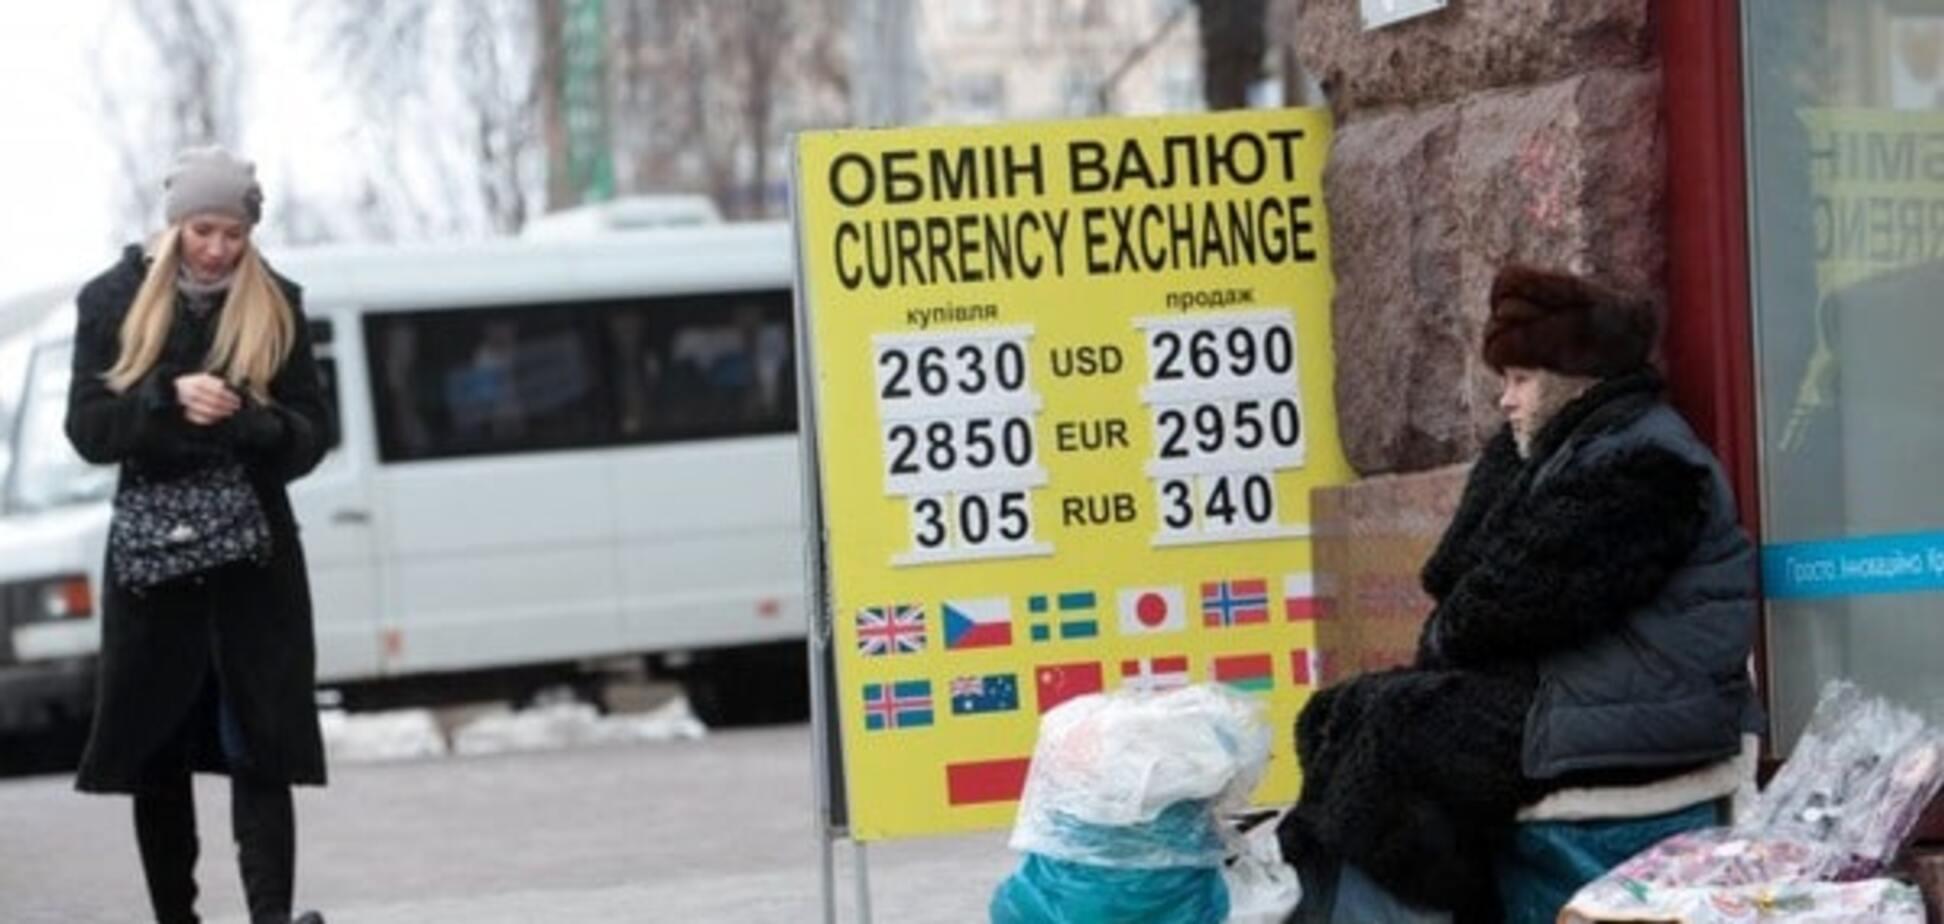 На догоду Росії: експерт розповів, чому гривня залежить від рубля